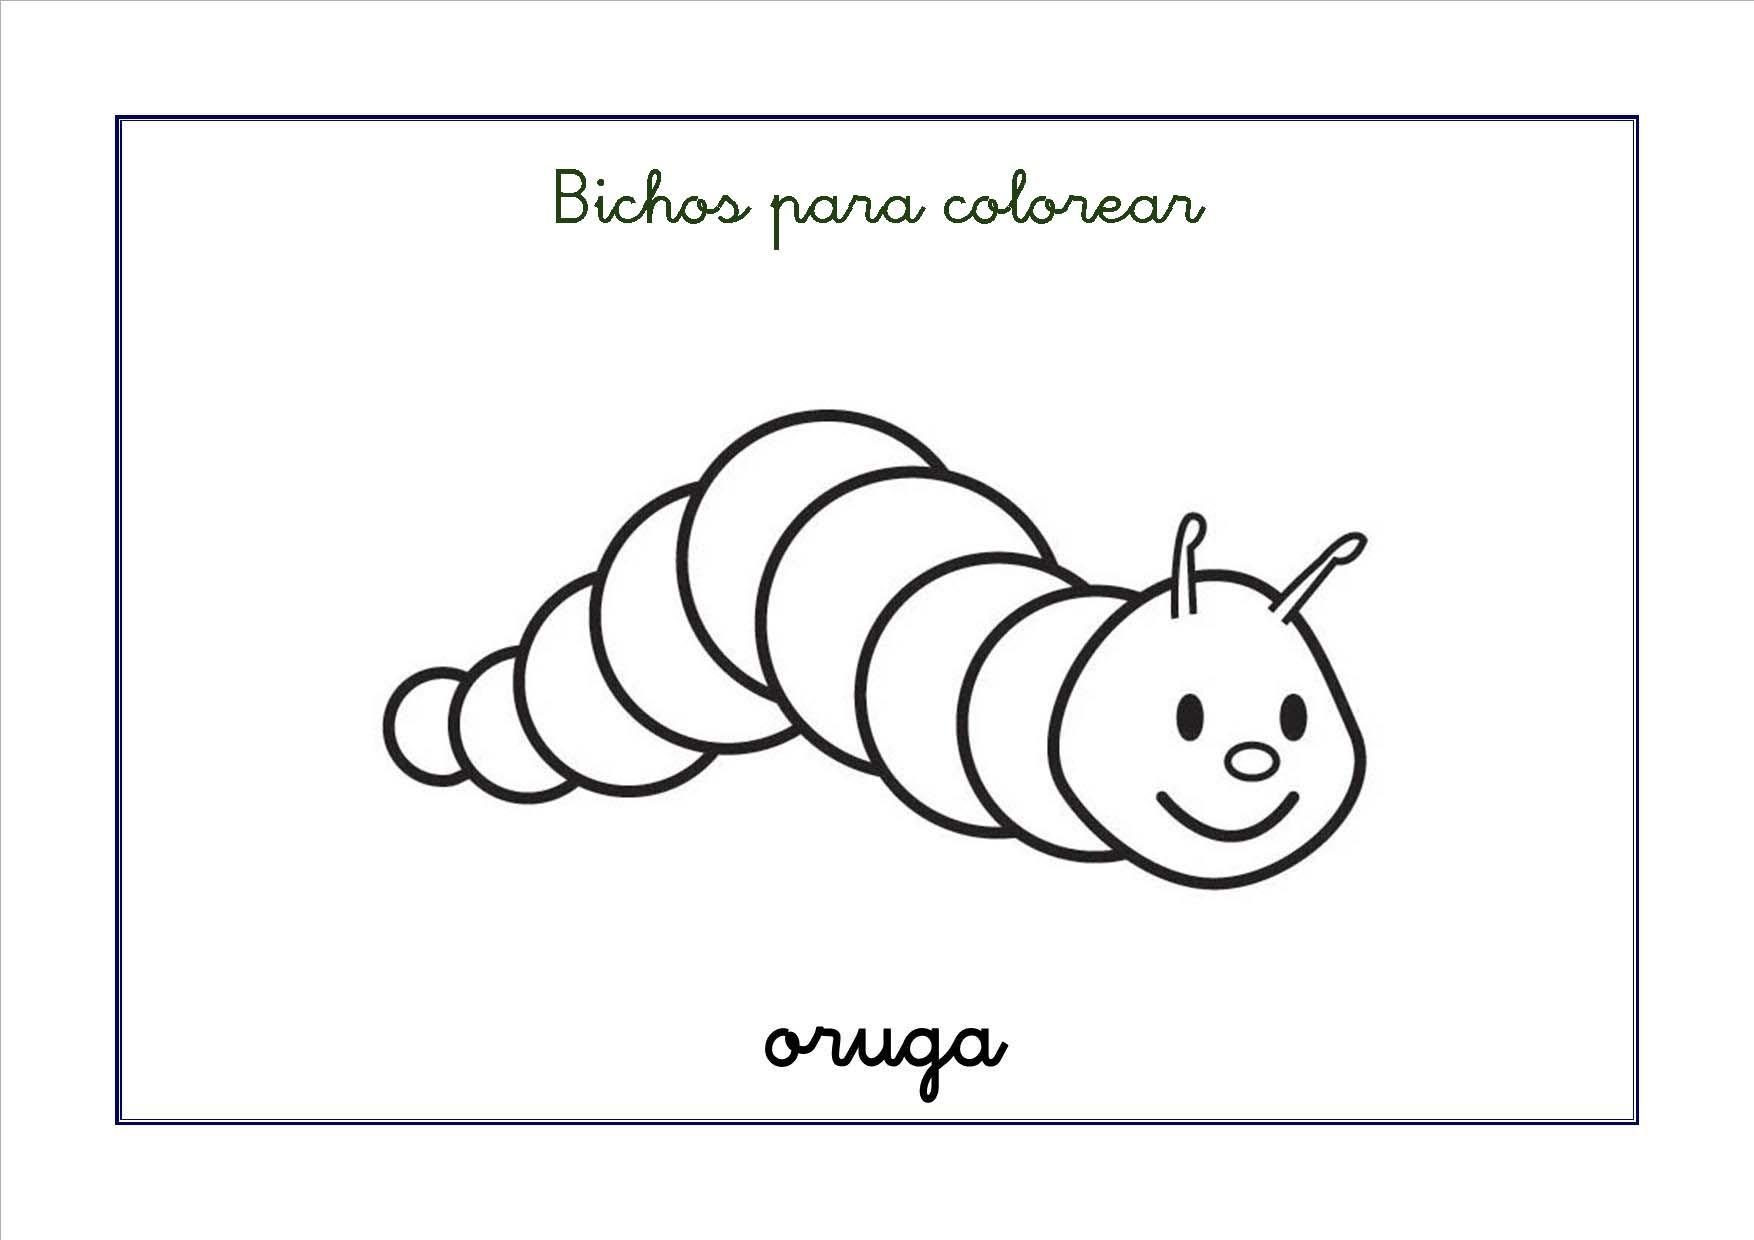 Asombroso Plantilla De Oruga Imprimible Festooning - Colección De ...